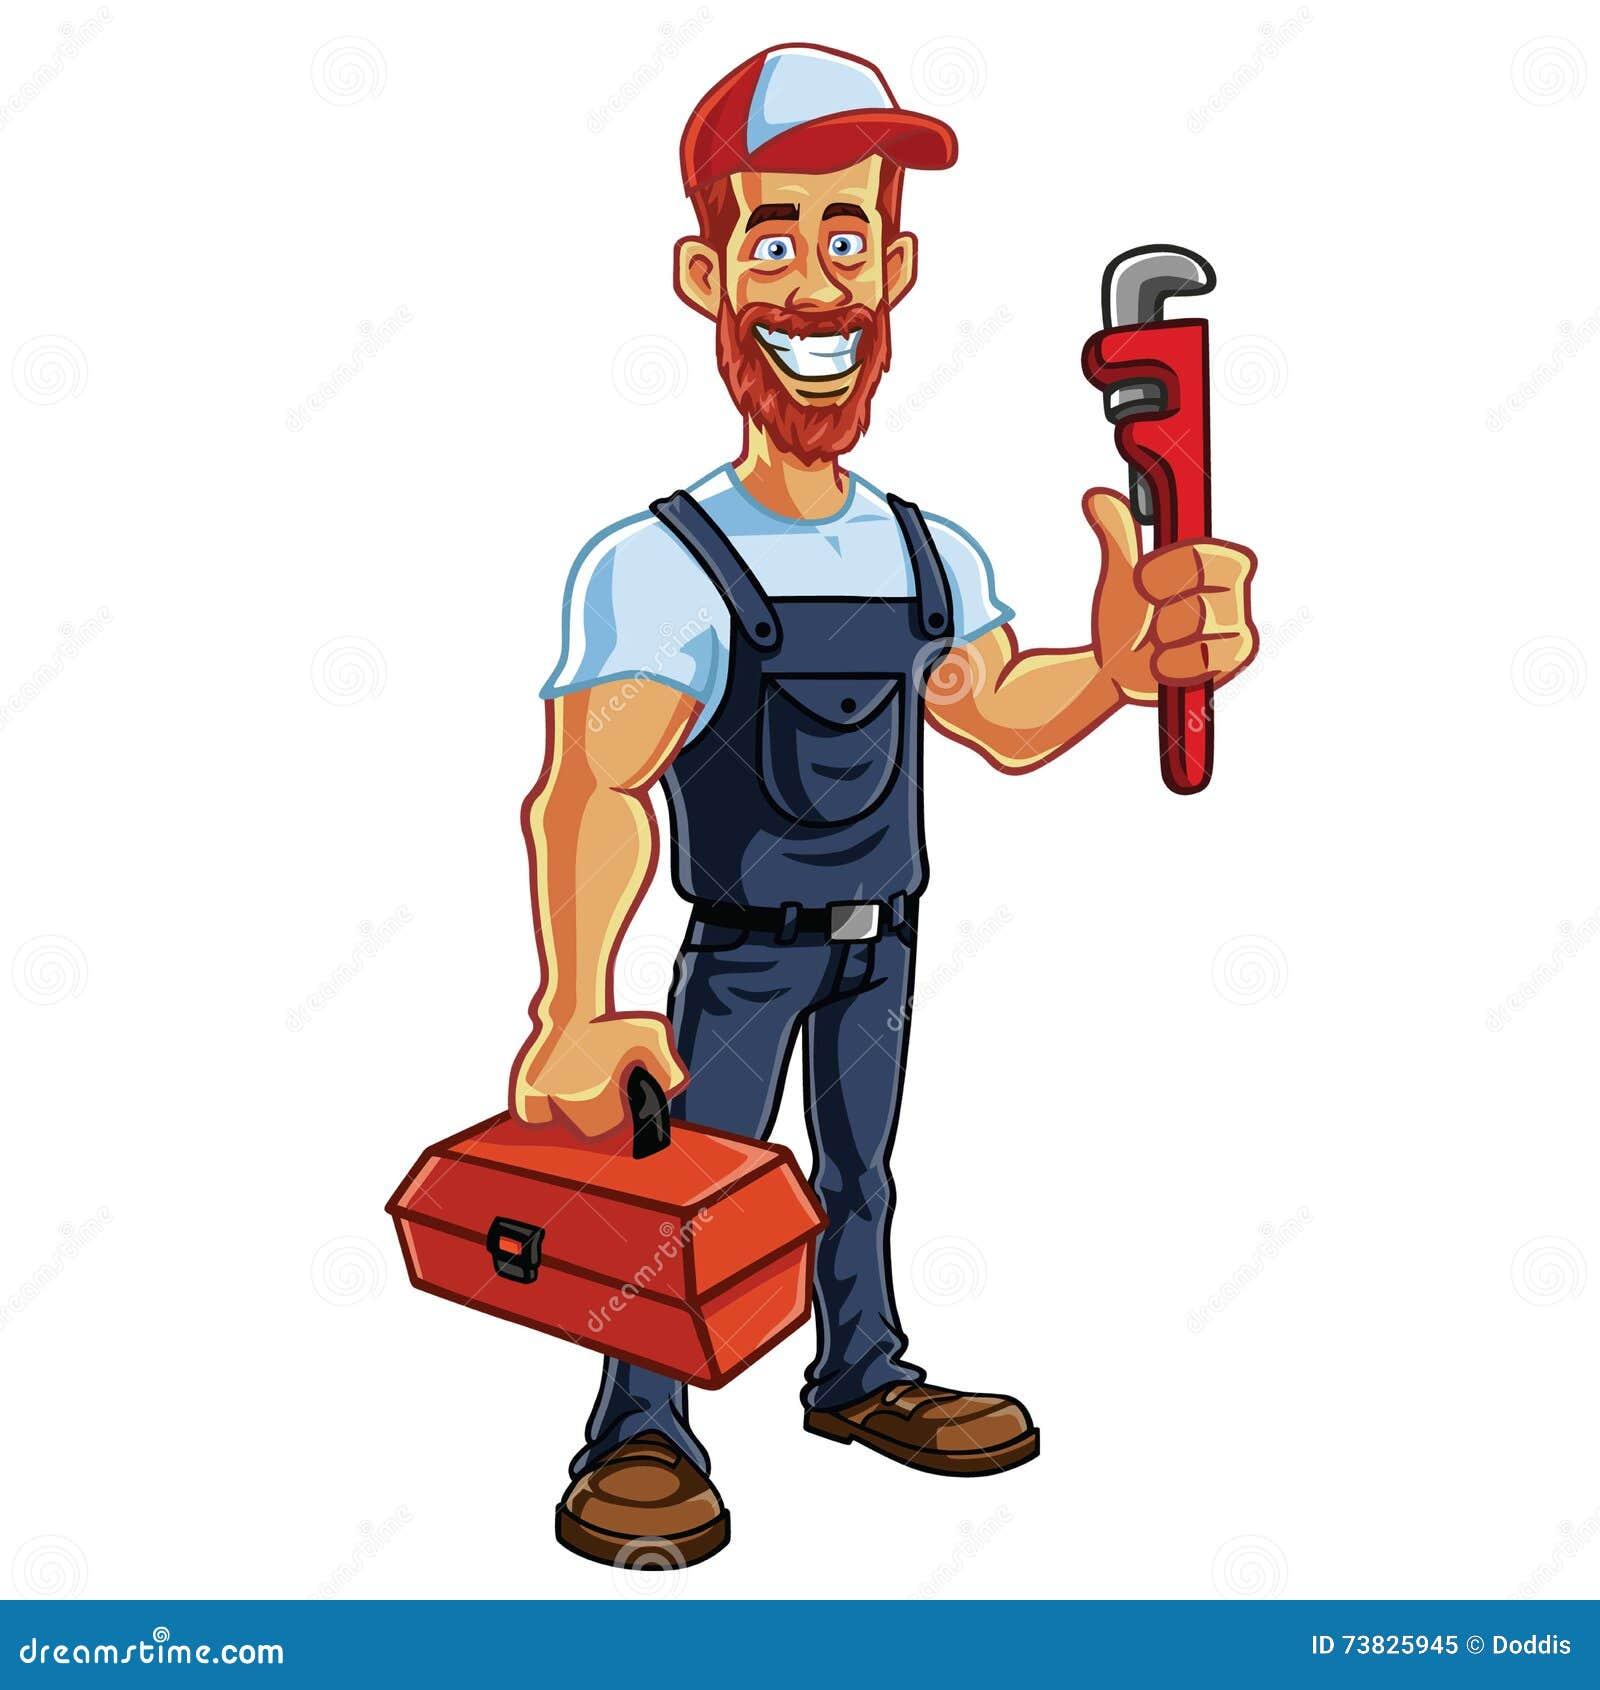 plumber-cartoon-mascot-vector-illustration-73825945.jpg